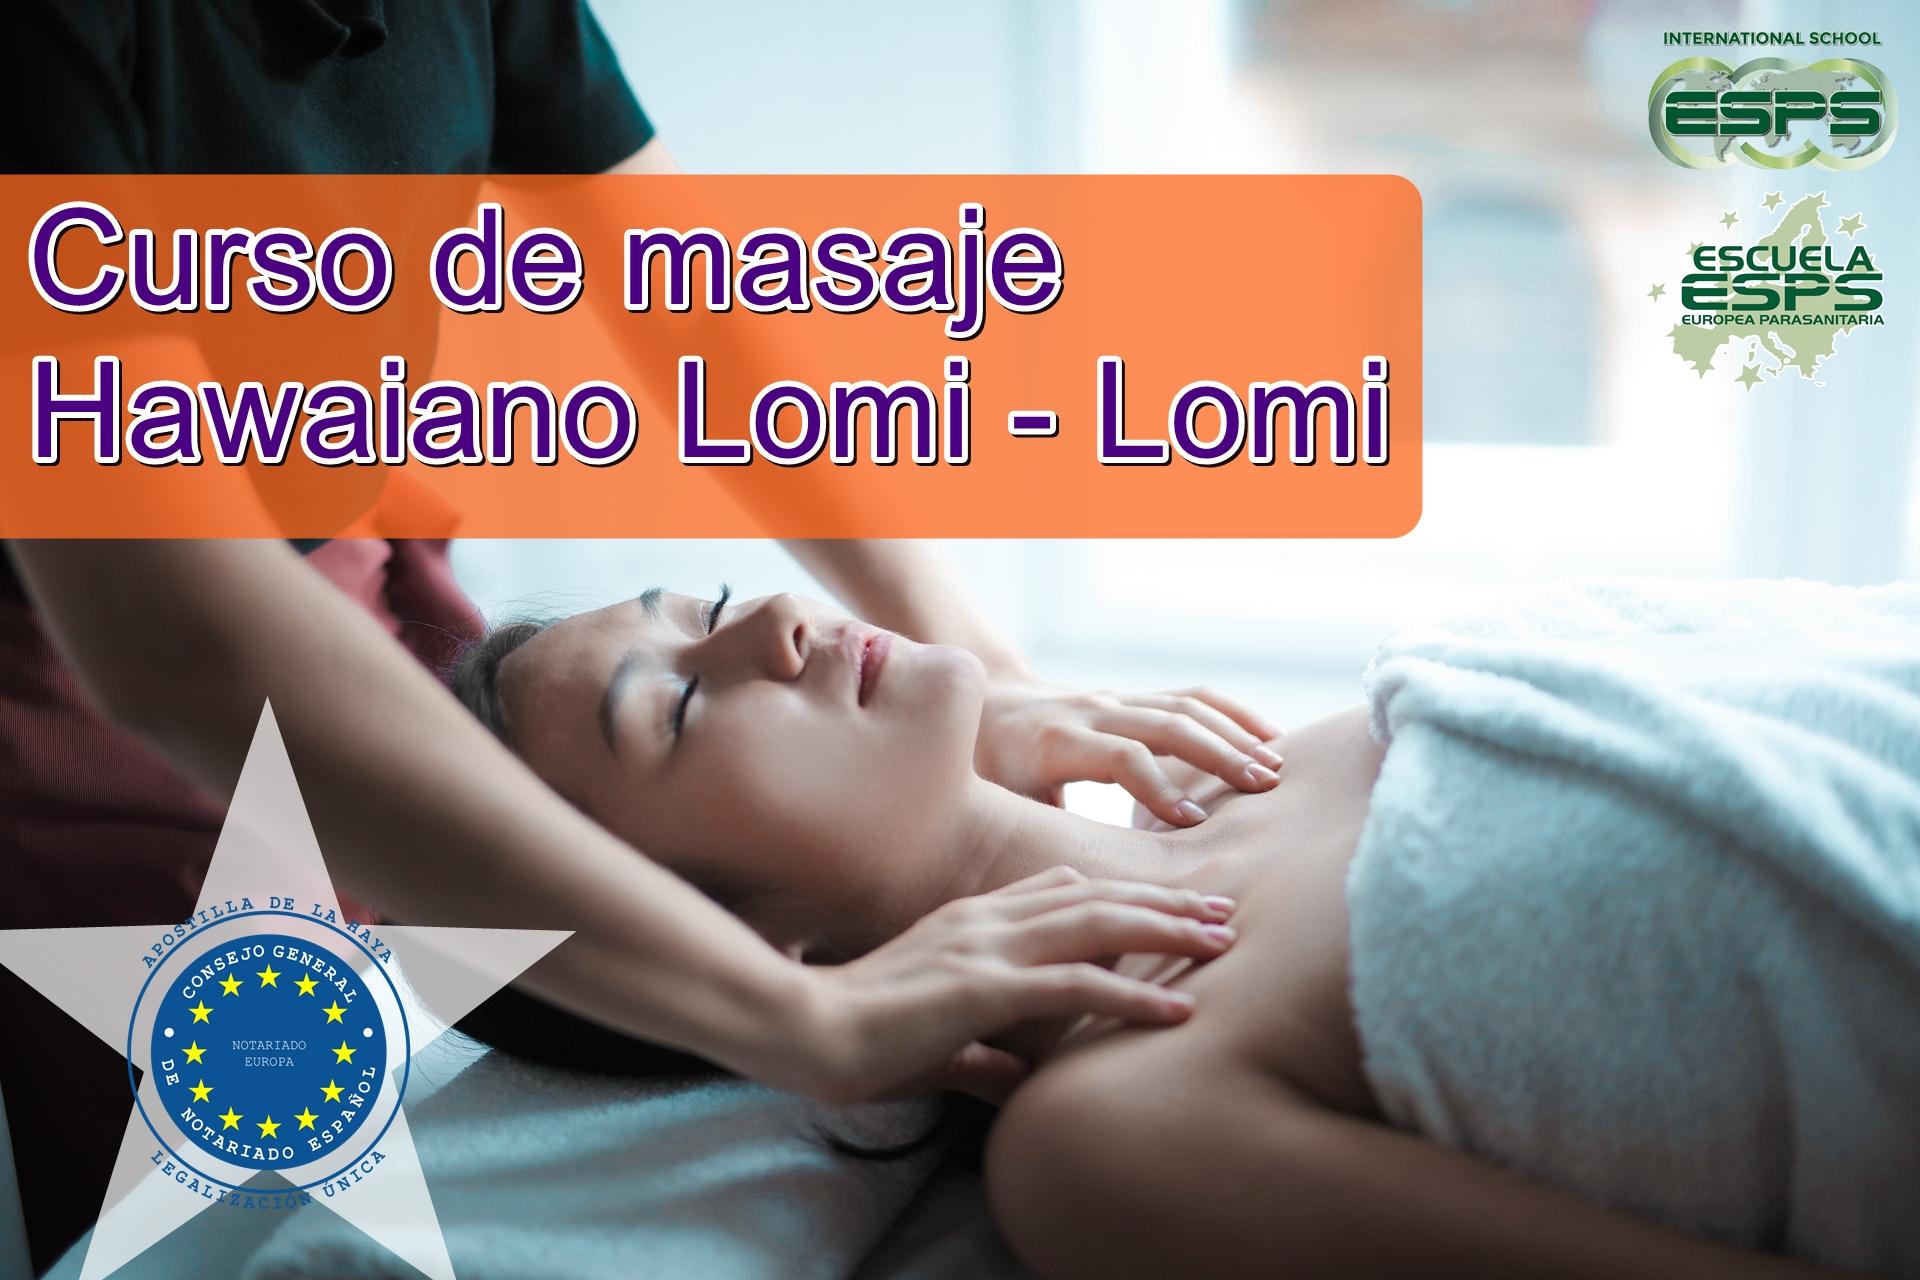 curso de masaje hawaiano lomi lomi esps en Lugo